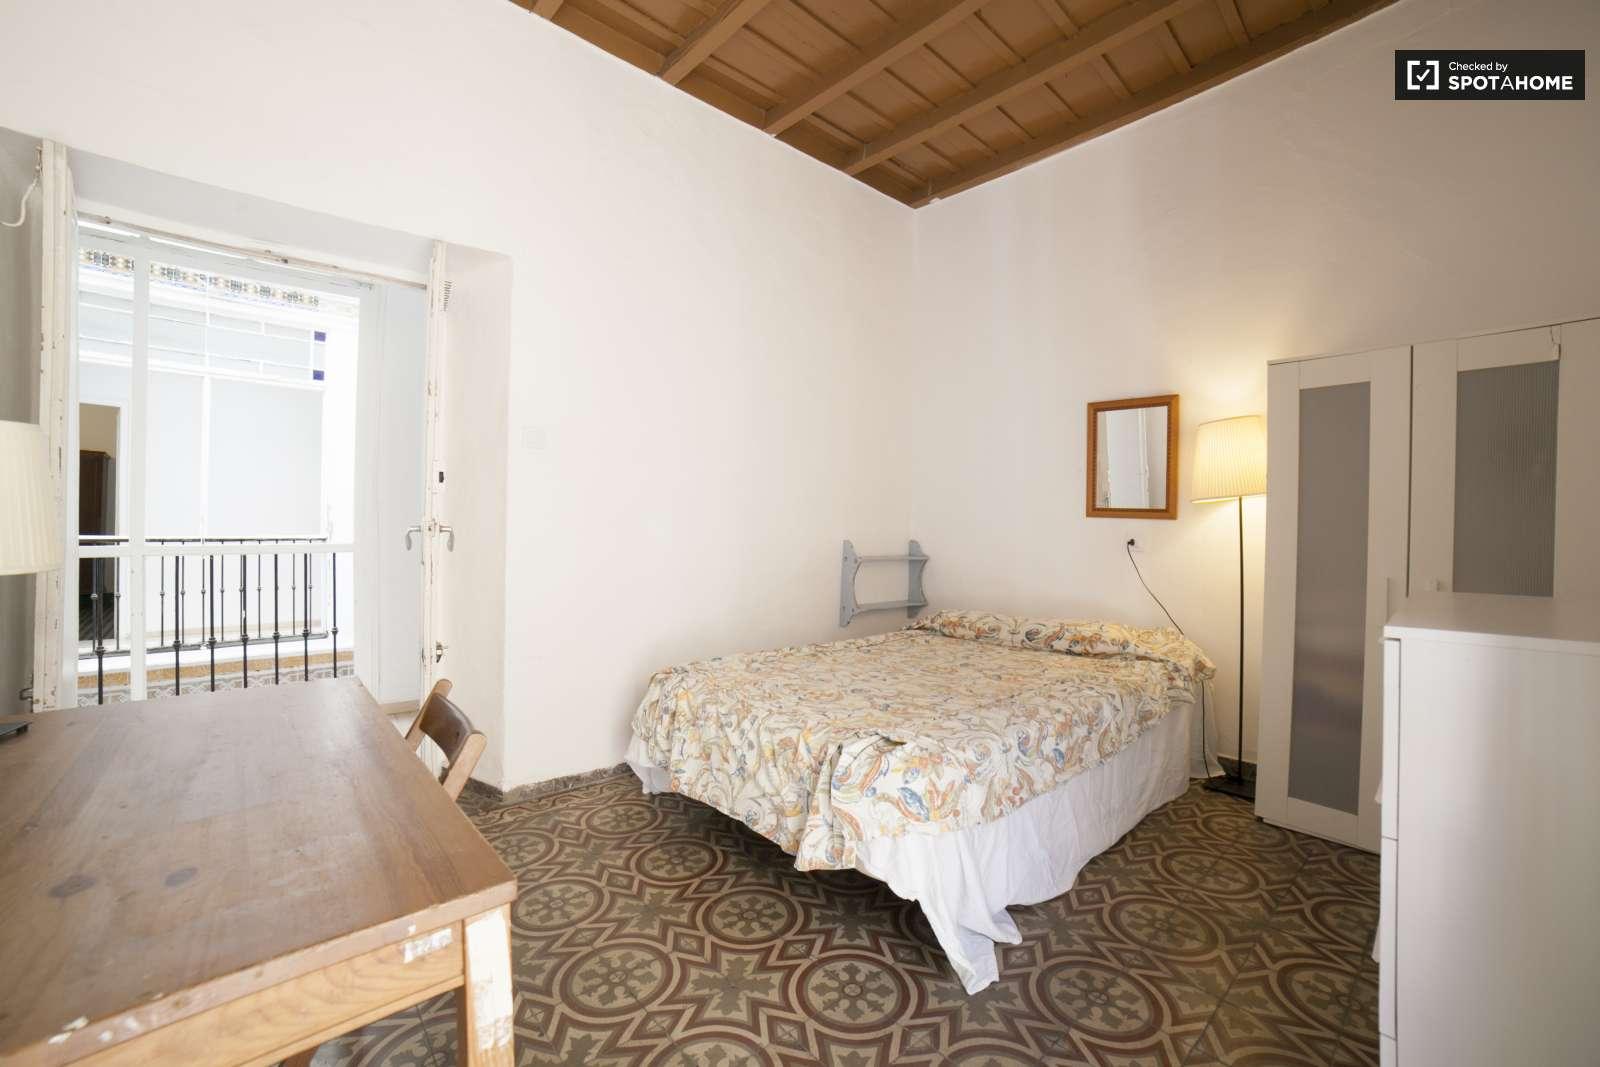 Bedroom 1A Living room Furnished room